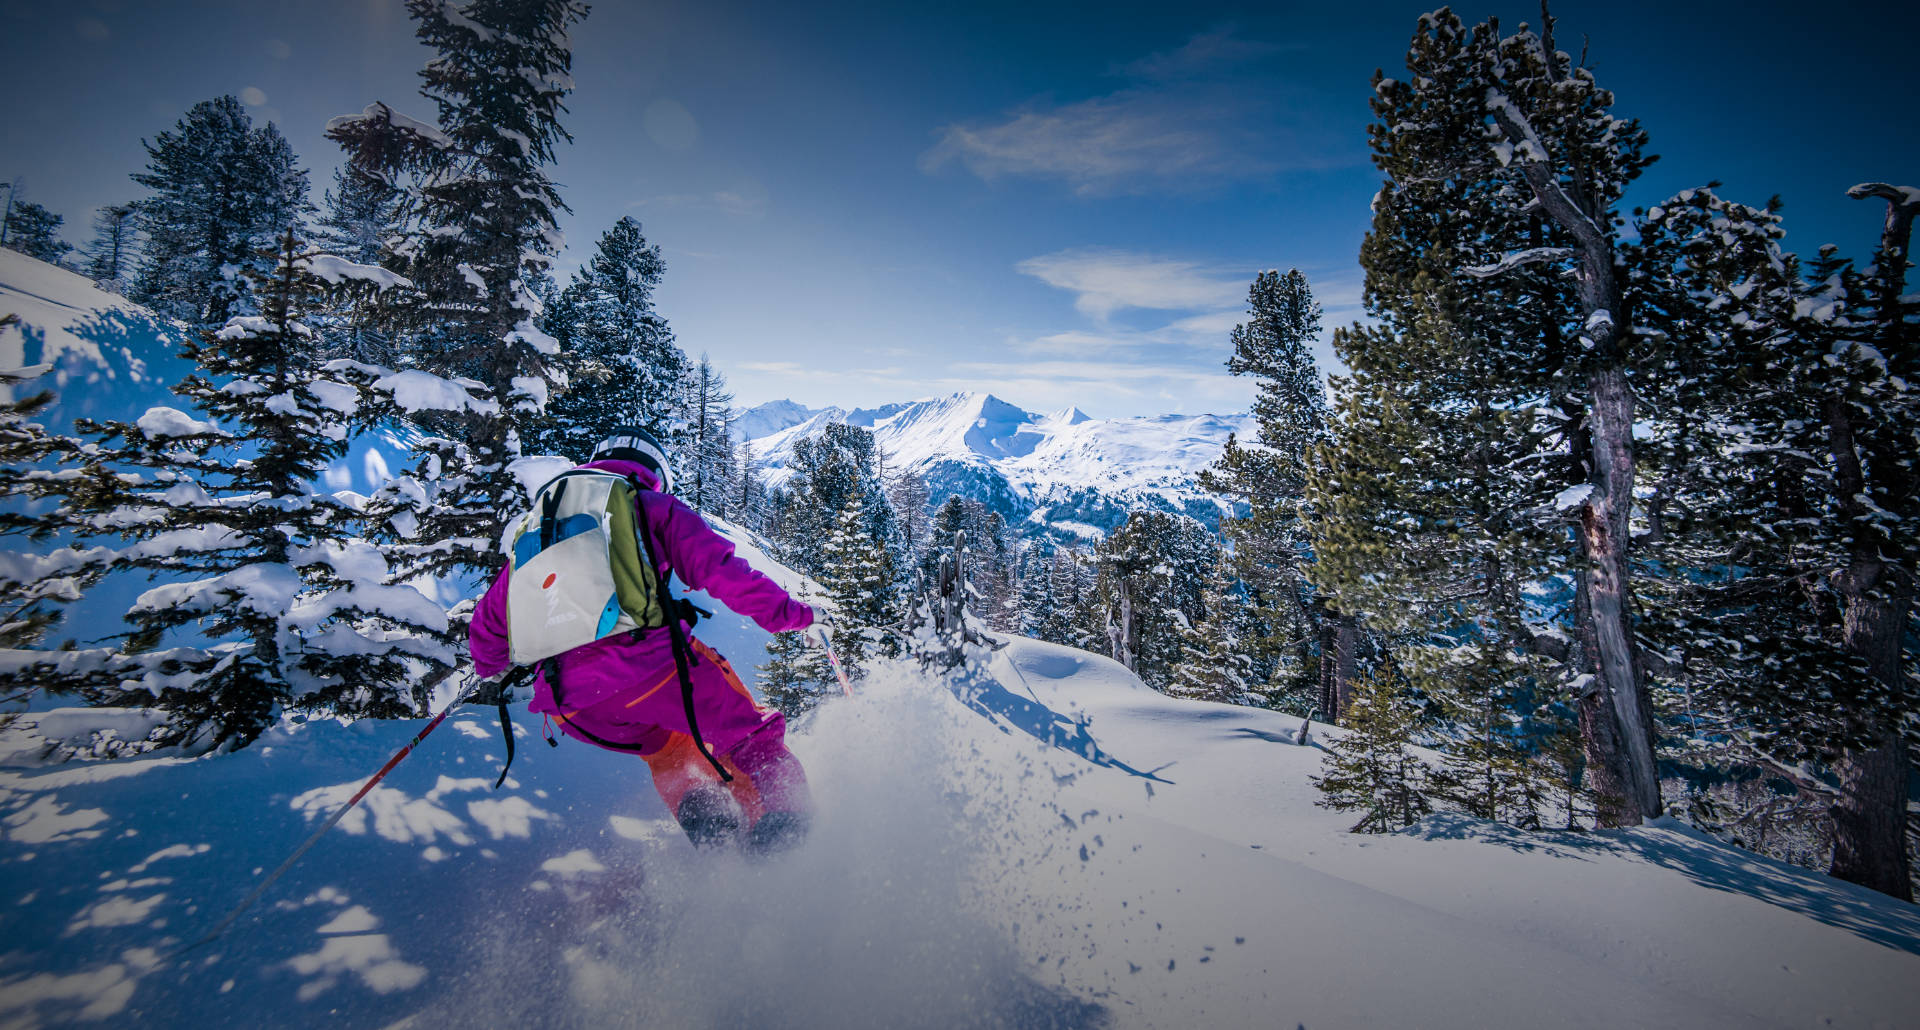 Winter-& Skiurlaub in Bad Hofgastein - Urlaub am Bauernhof - Tofererhof